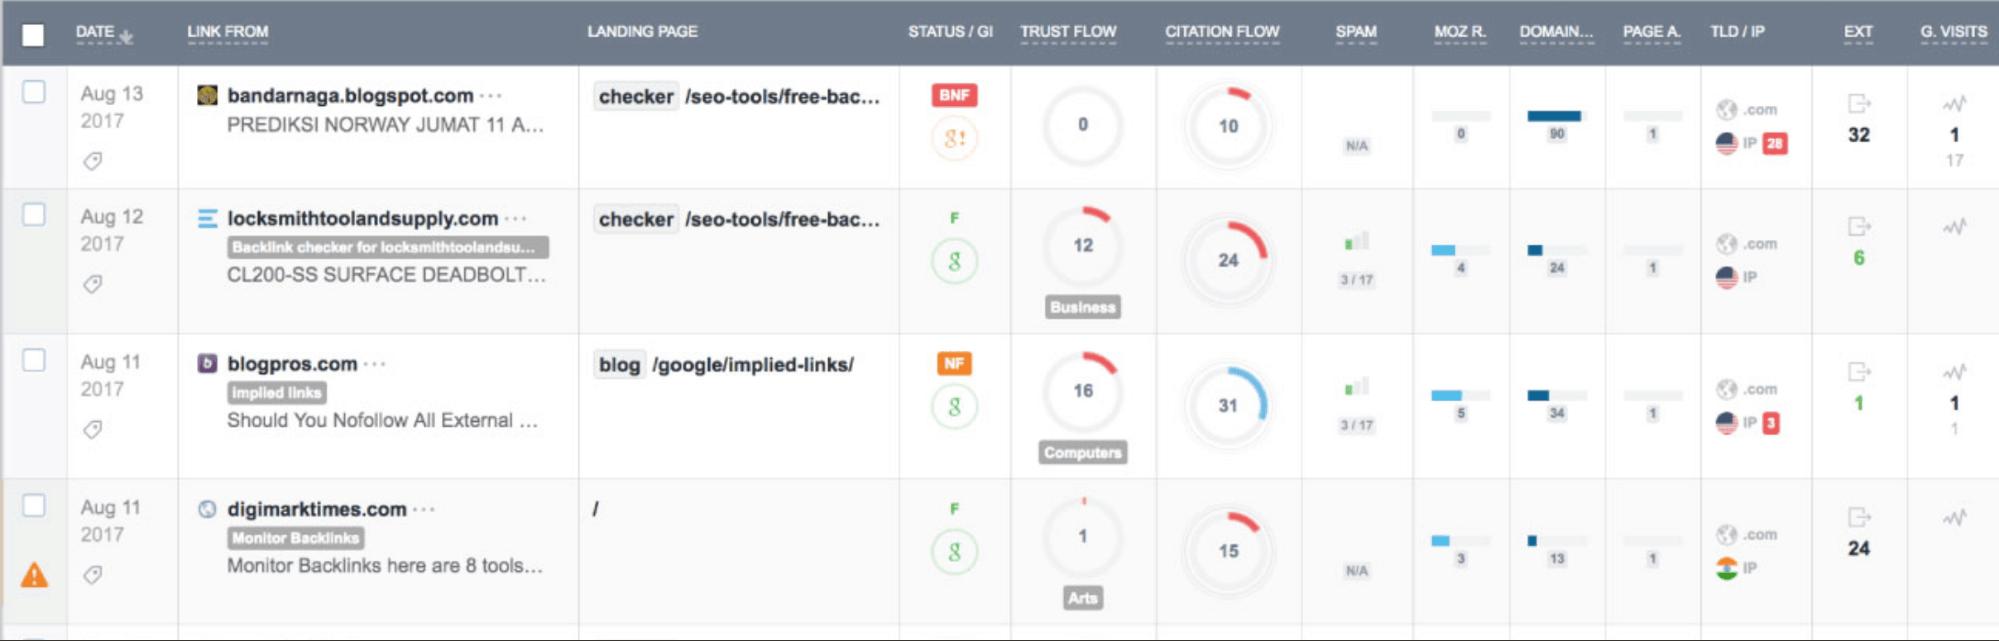 Monitor Backlinks Sample Dashboard